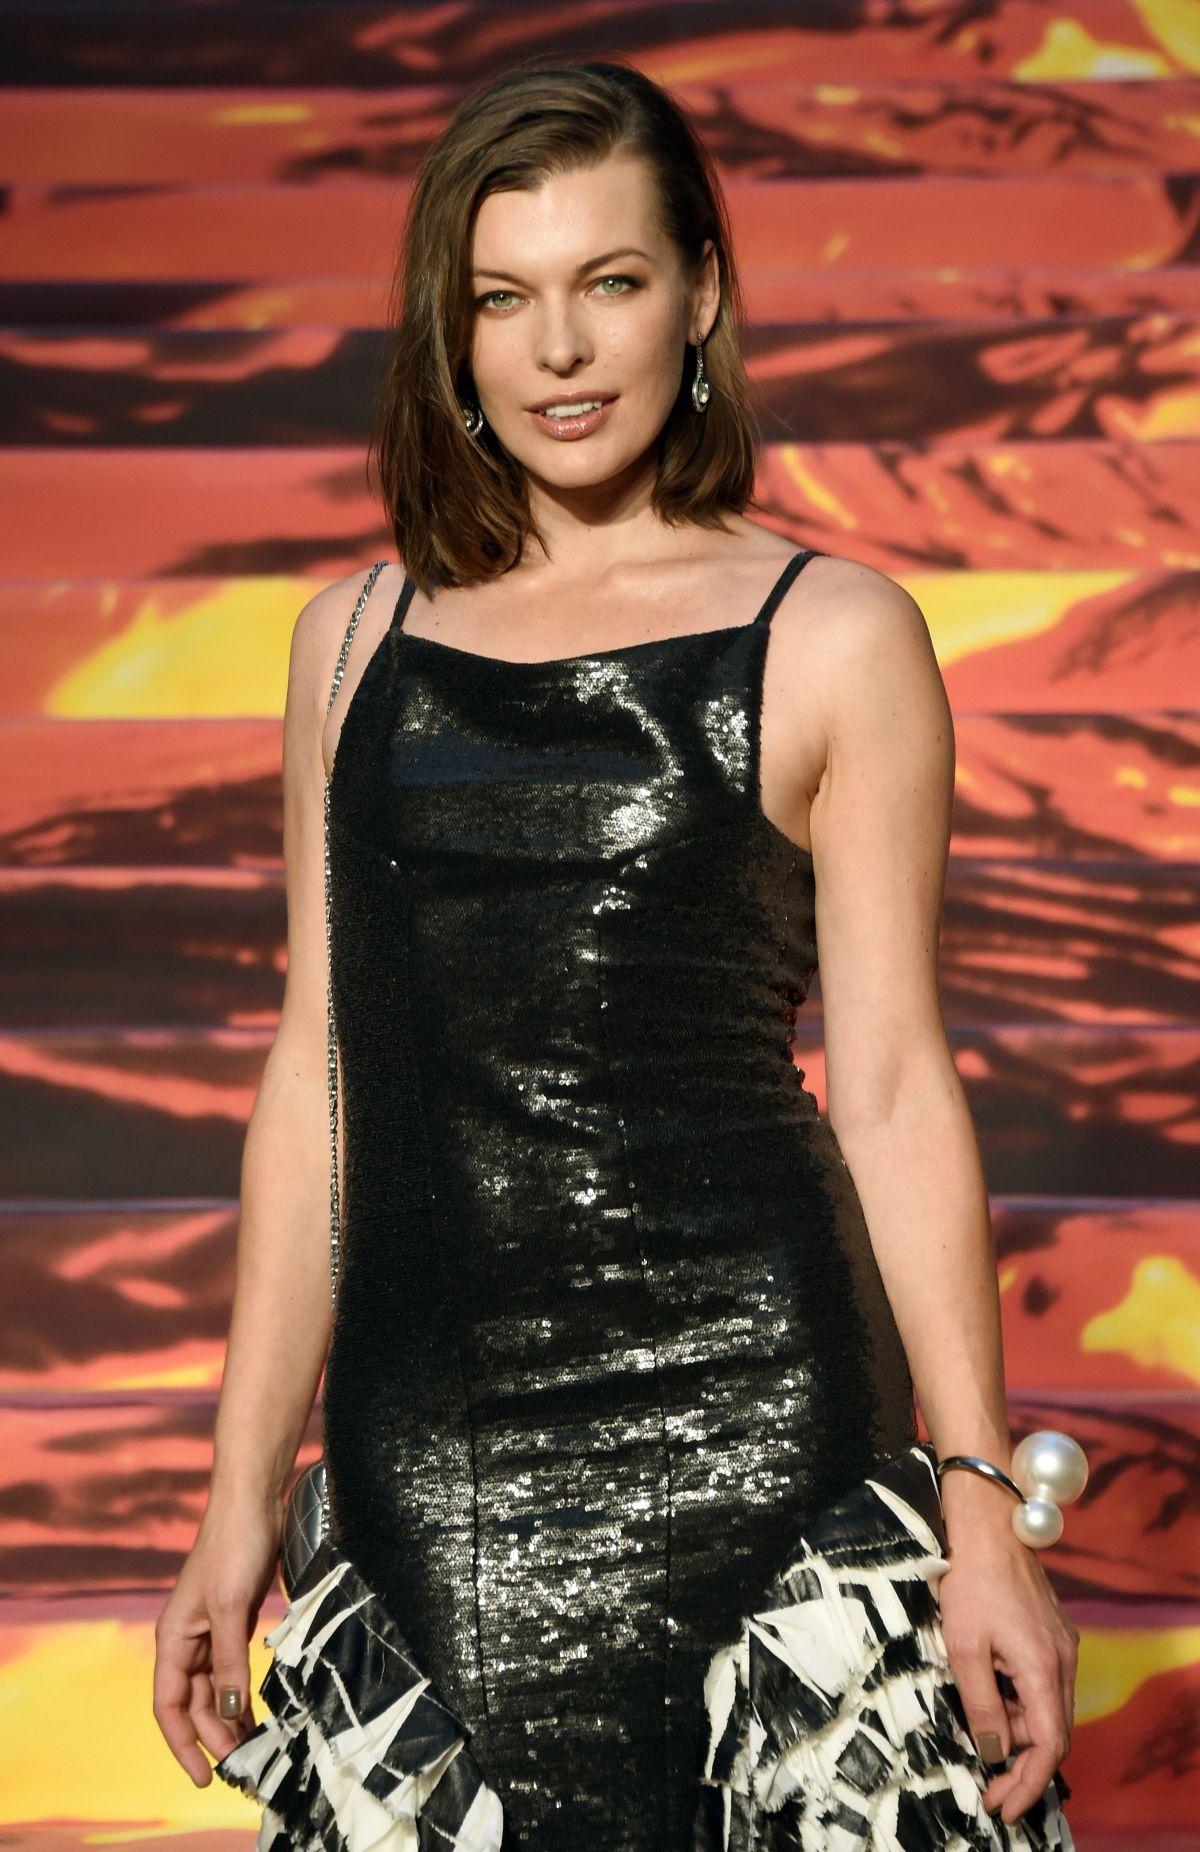 MILLA JOVOVICH at Pompeii Premiere in Tokyo - HawtCelebs - HawtCelebs Milla Jovovich